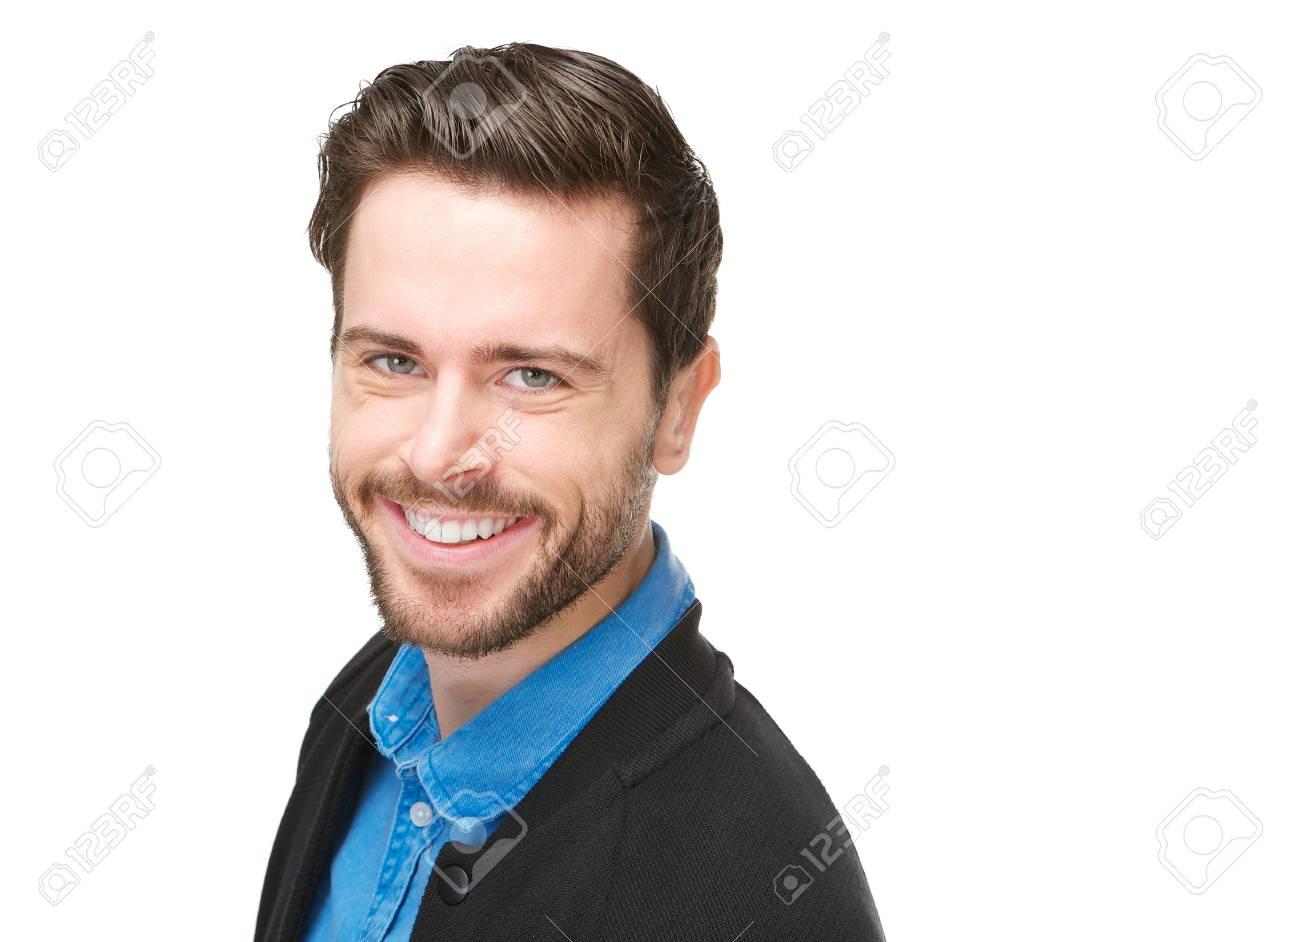 Homme Souriant closeup portrait d'un séduisant jeune homme souriant sur fond blanc